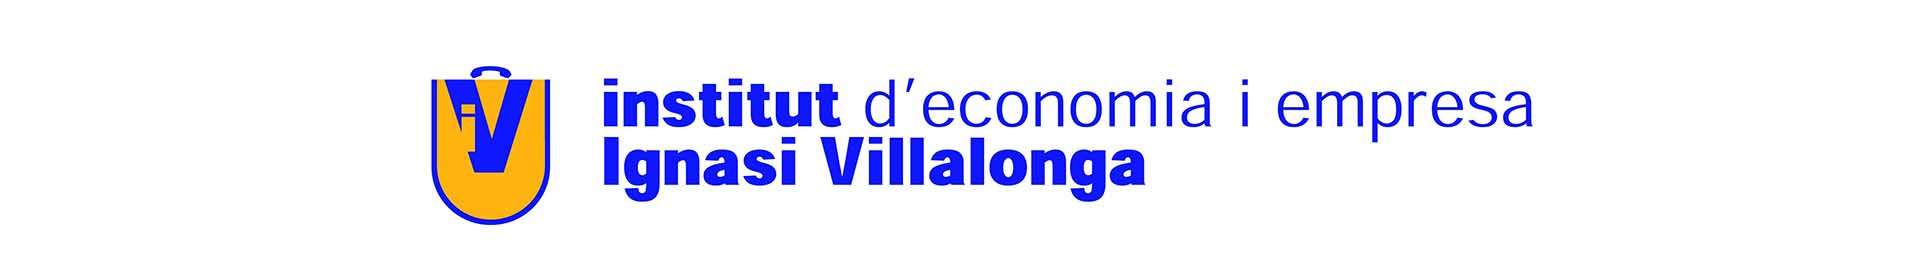 Institut Ignasi Villalonga d'Economia i Empresa